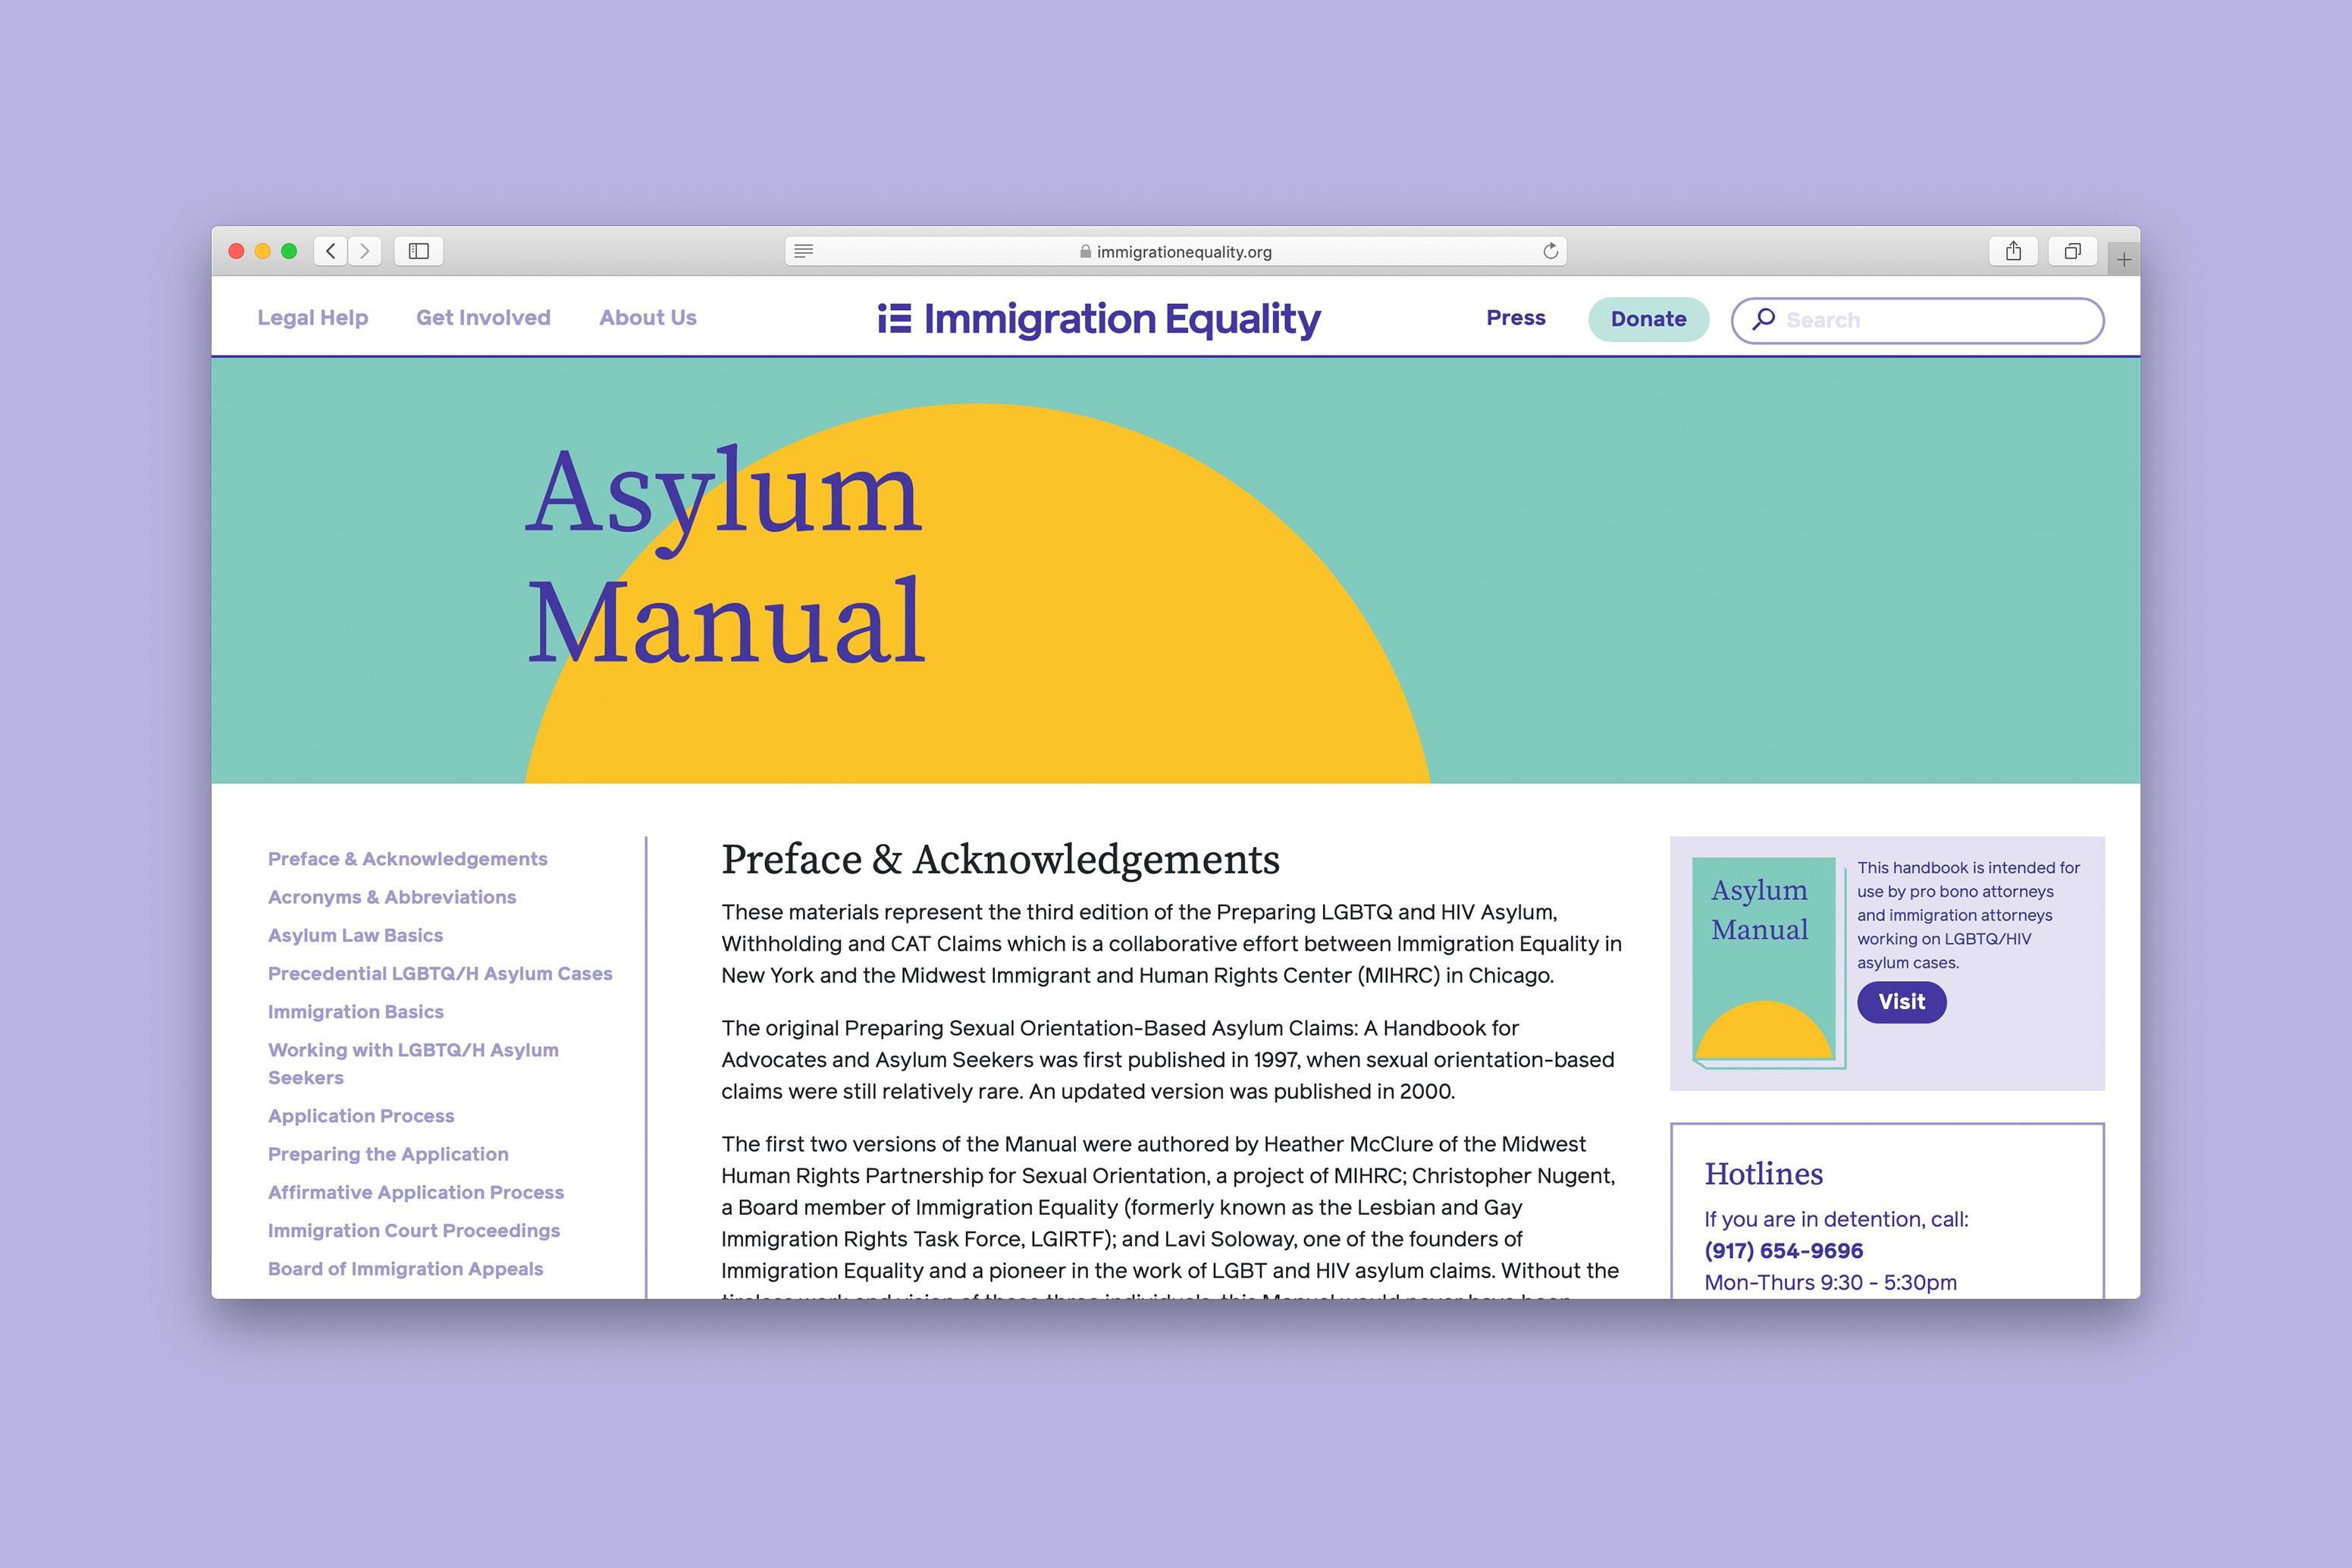 Asylum Manual Page